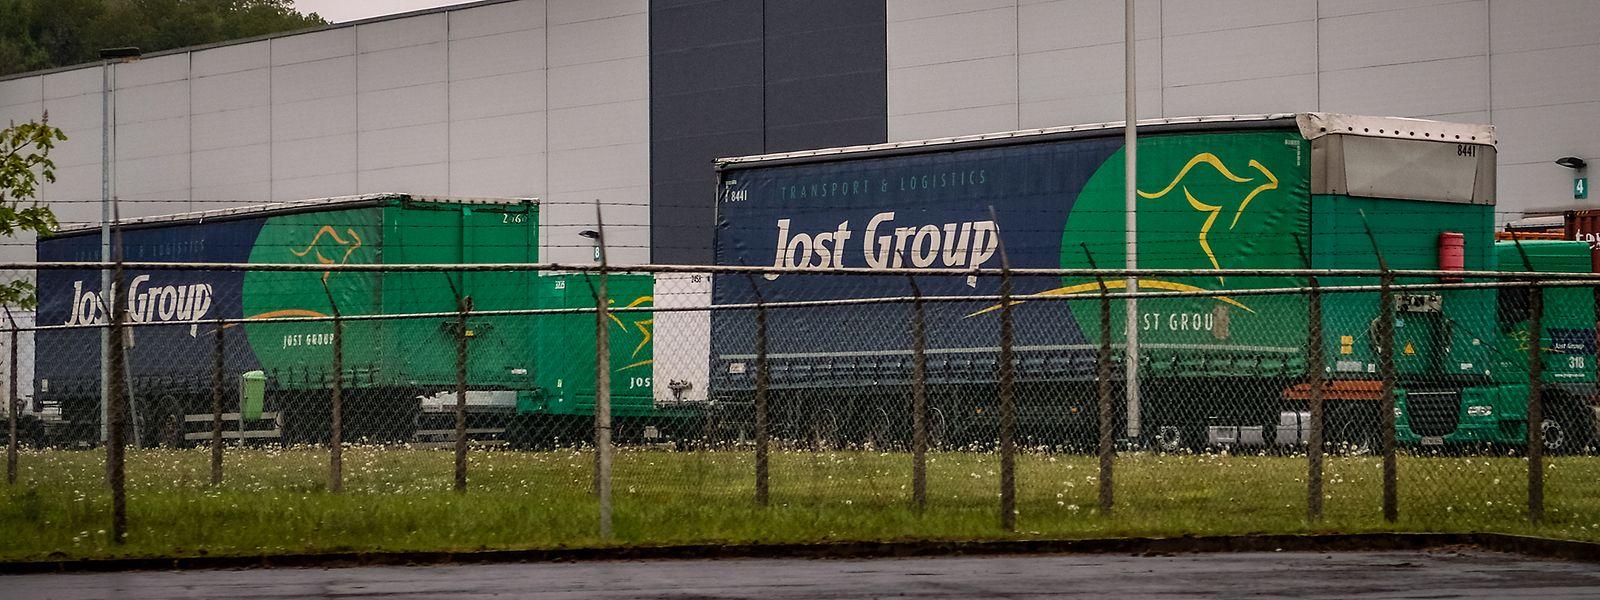 La société Jost nie les accusations de concurrence déloyale et de dumping social dont elle est accusée. La justice belge a été saisie.